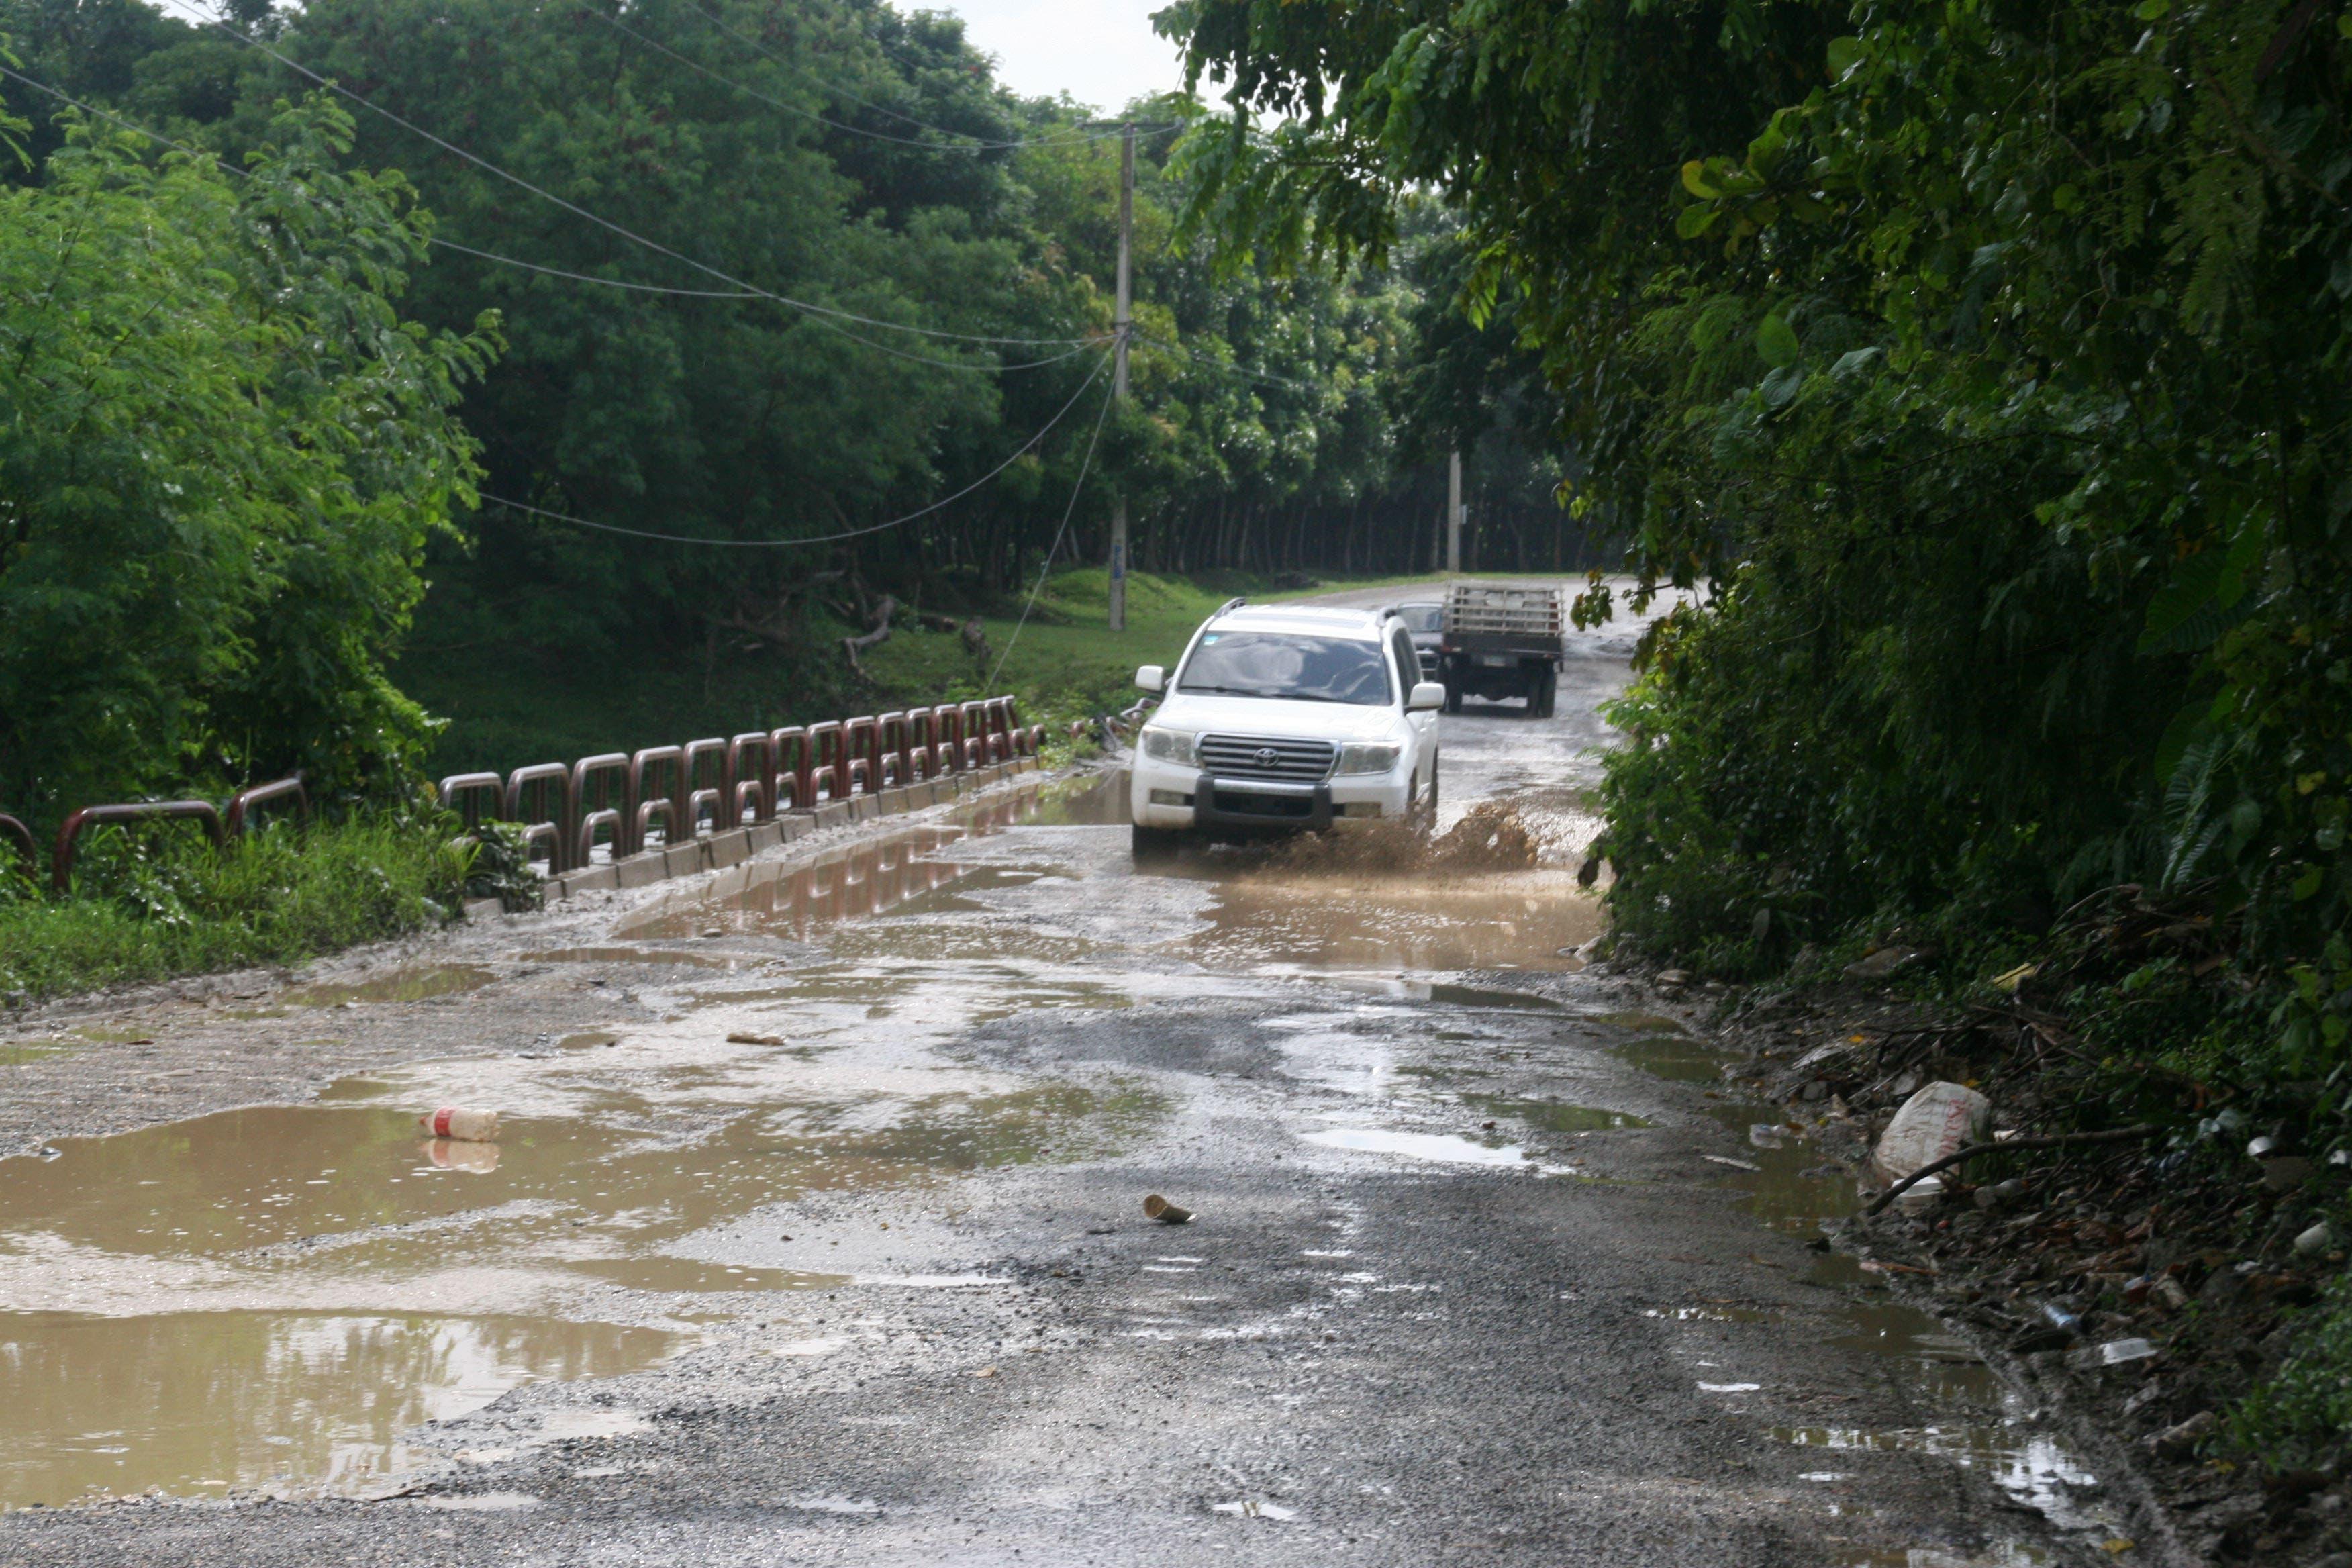 Recorrido por la comunidad e Haina y Mano Guayabo por las mala condiciones de las A.V, y calles así como el puente en muy malo estado de la estructura en foto : A.V Haina quita sueño el puente HOY Duany Nuñez 12-9-2017